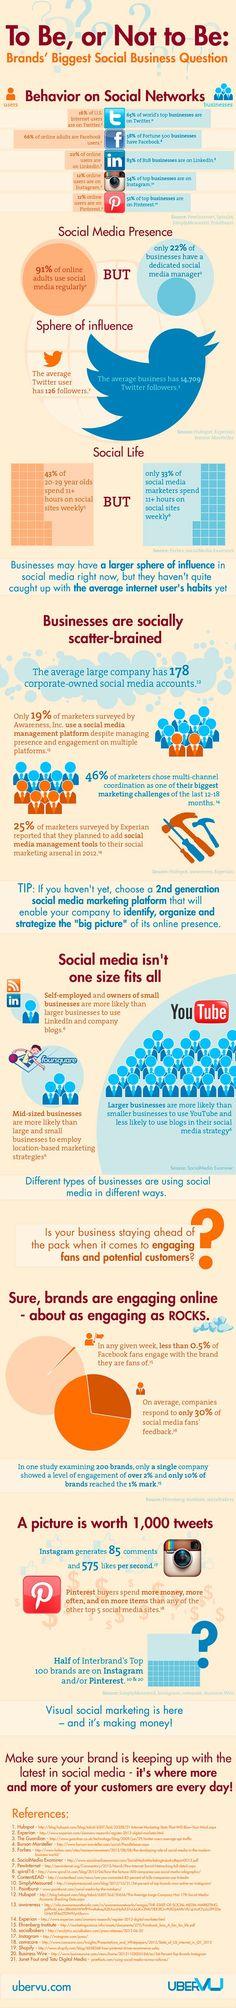 ¿Estar o no estar en las redes sociales? #Infografía en inglés